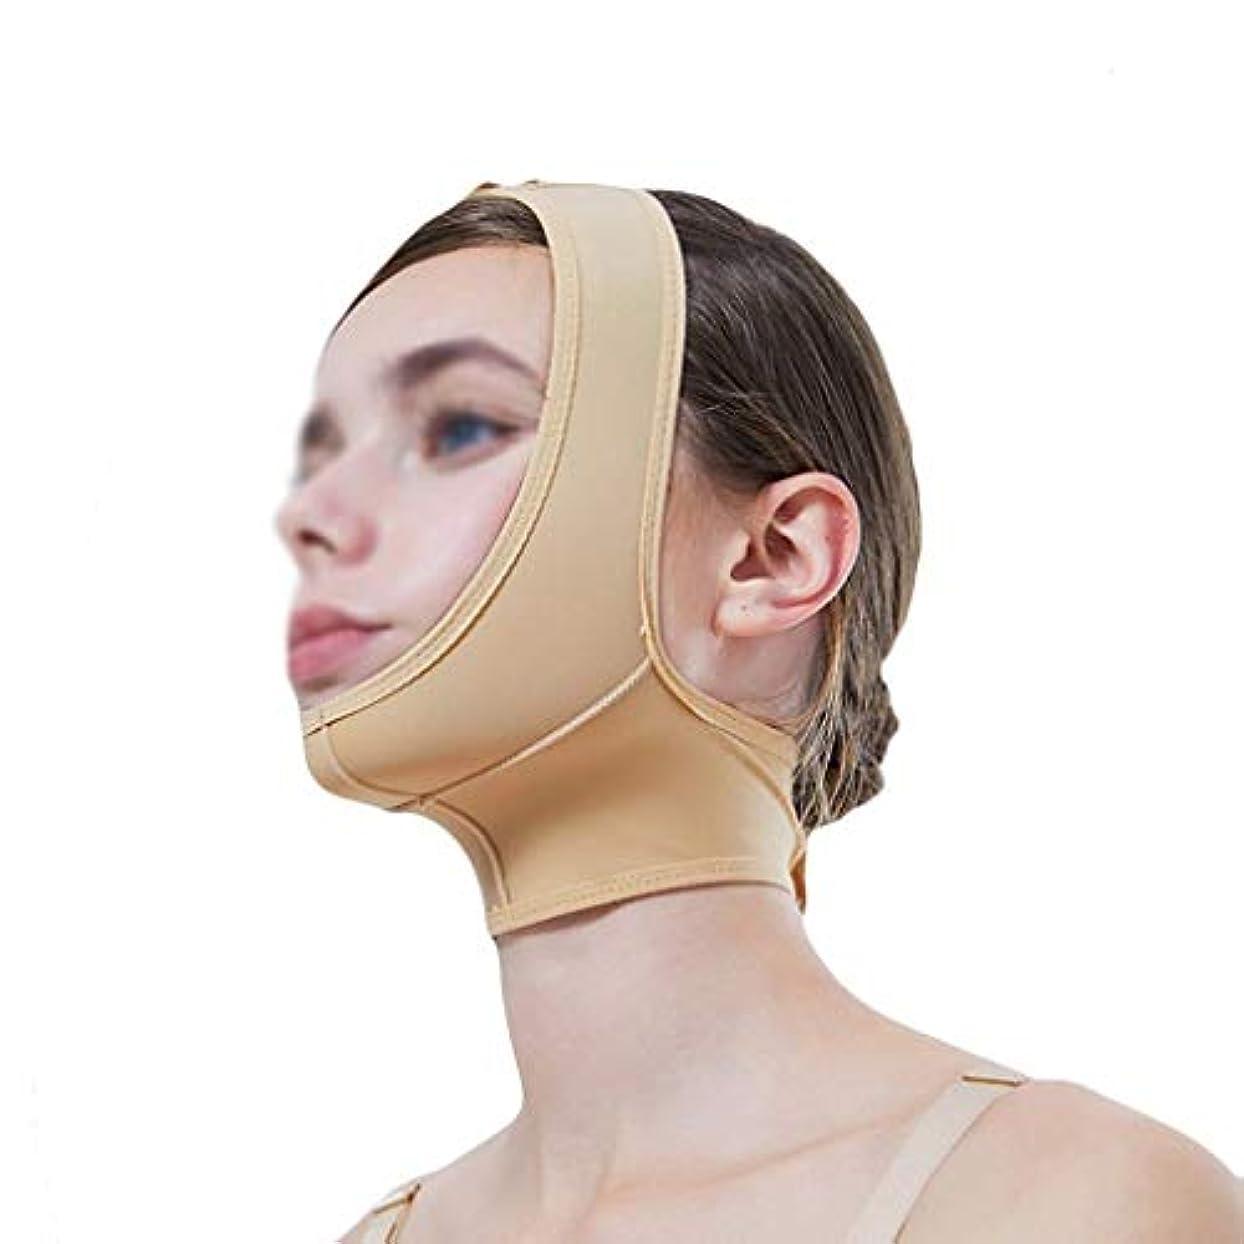 著名な肯定的お世話になったマスク、超薄型ベルト、フェイスリフティングに適し、フェイスリフティング、通気性包帯、あご取りベルト、超薄型ベルト、通気性(サイズ:XL),L